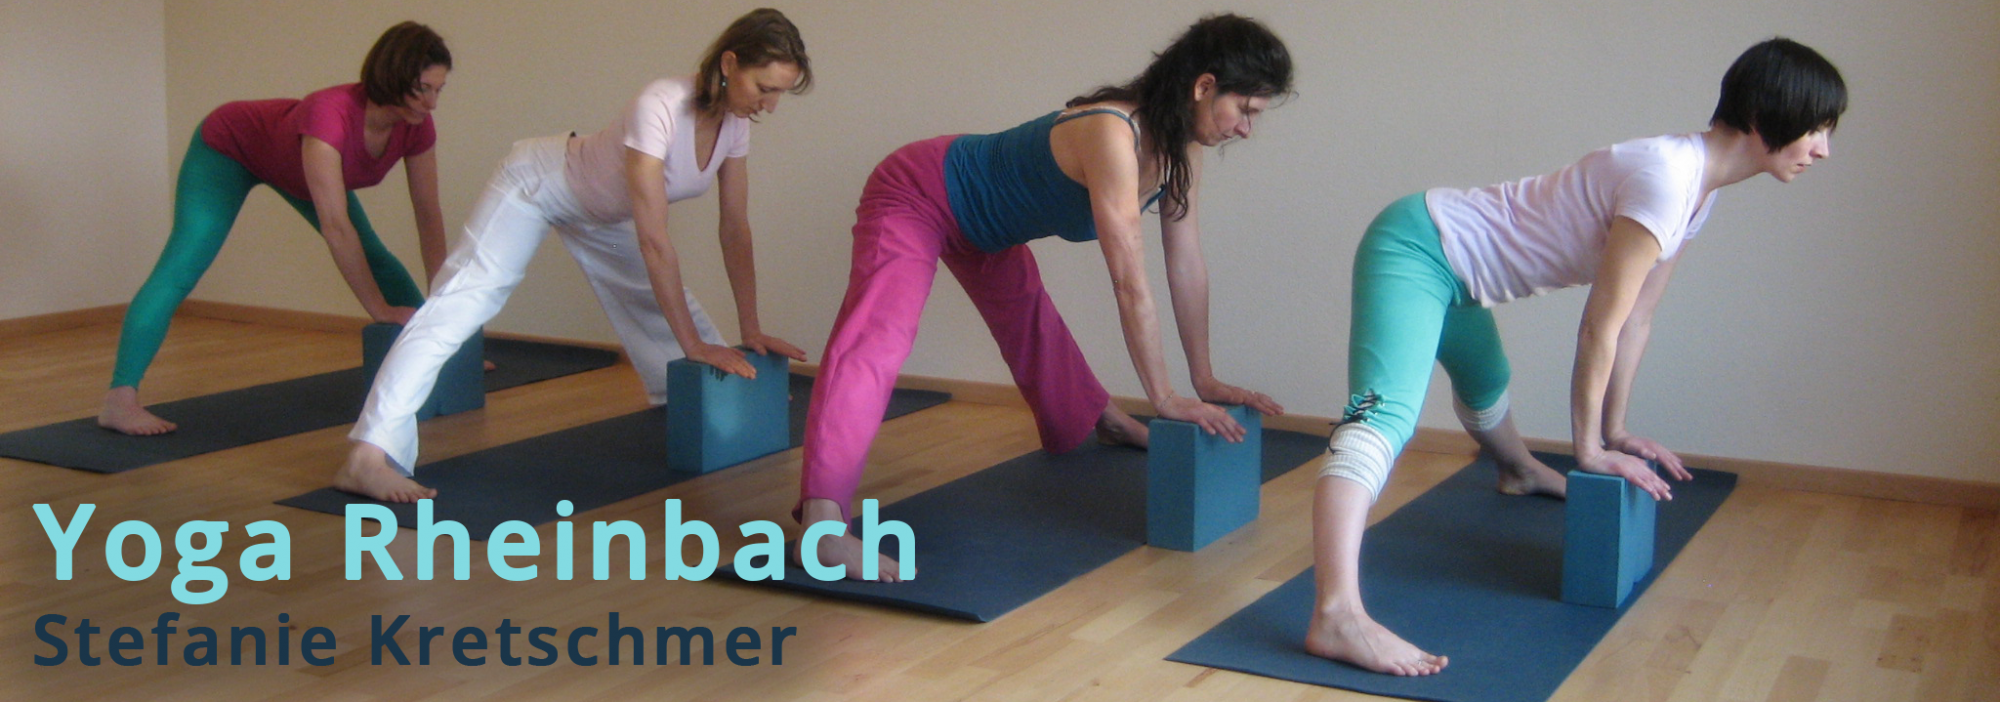 Yoga Rheinbach